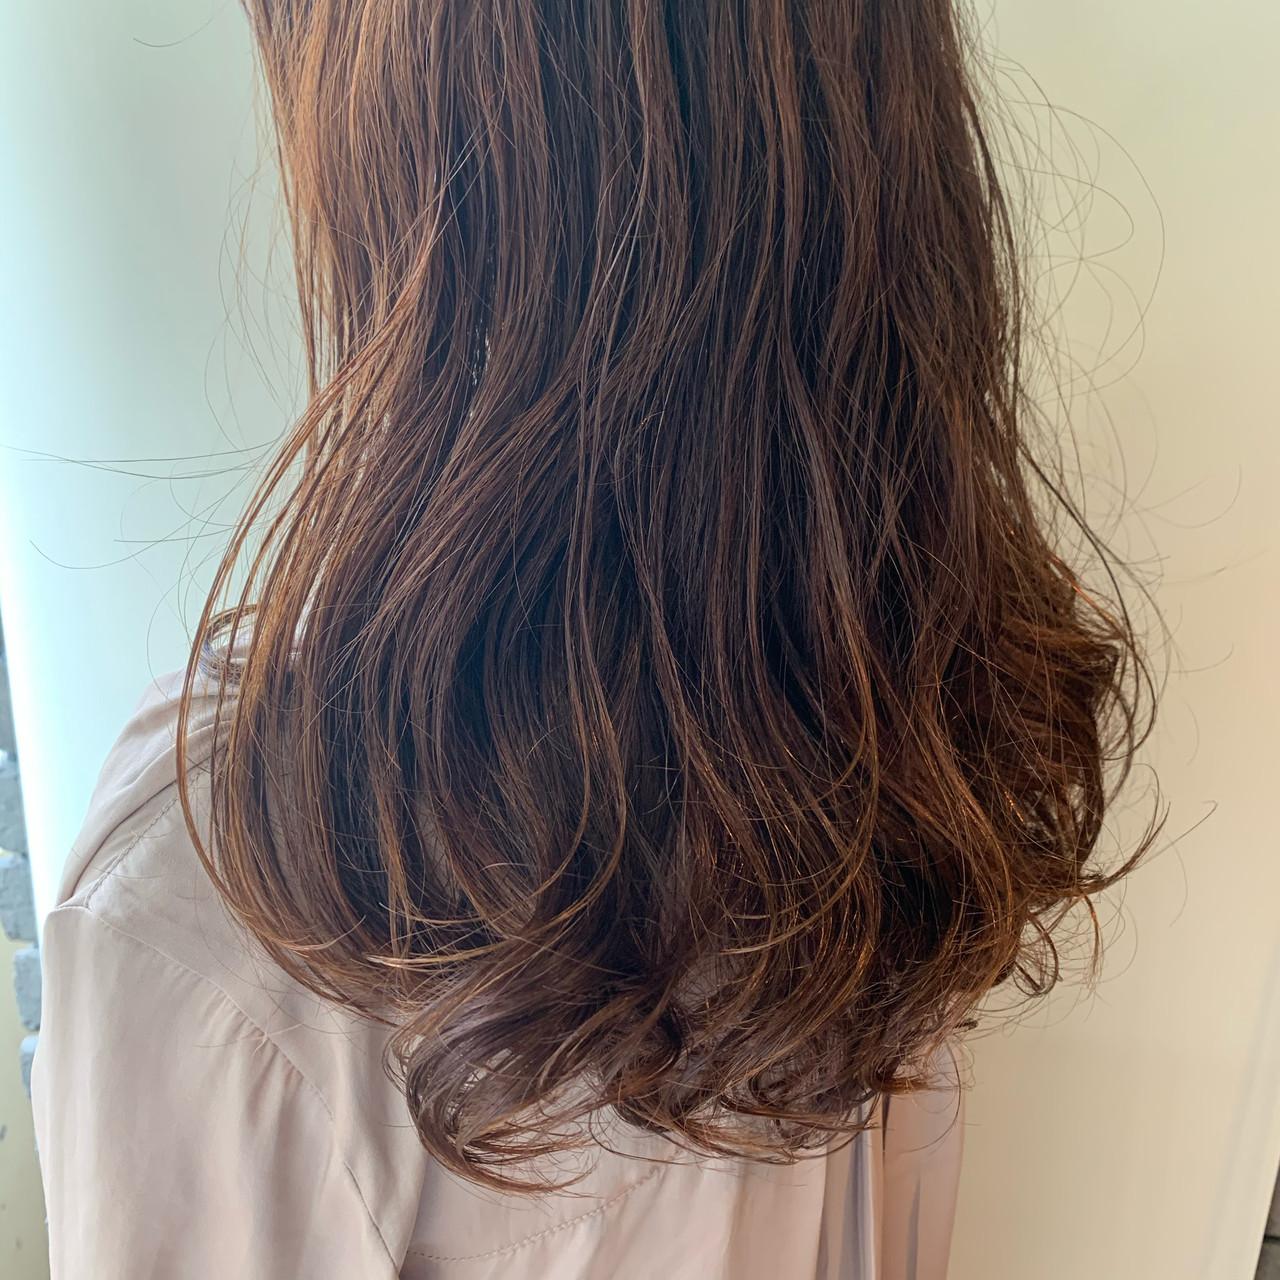 ゆるふわパーマ ナチュラル 毛先パーマ セミロング ヘアスタイルや髪型の写真・画像 | 谷川 健太 / ROVERSI